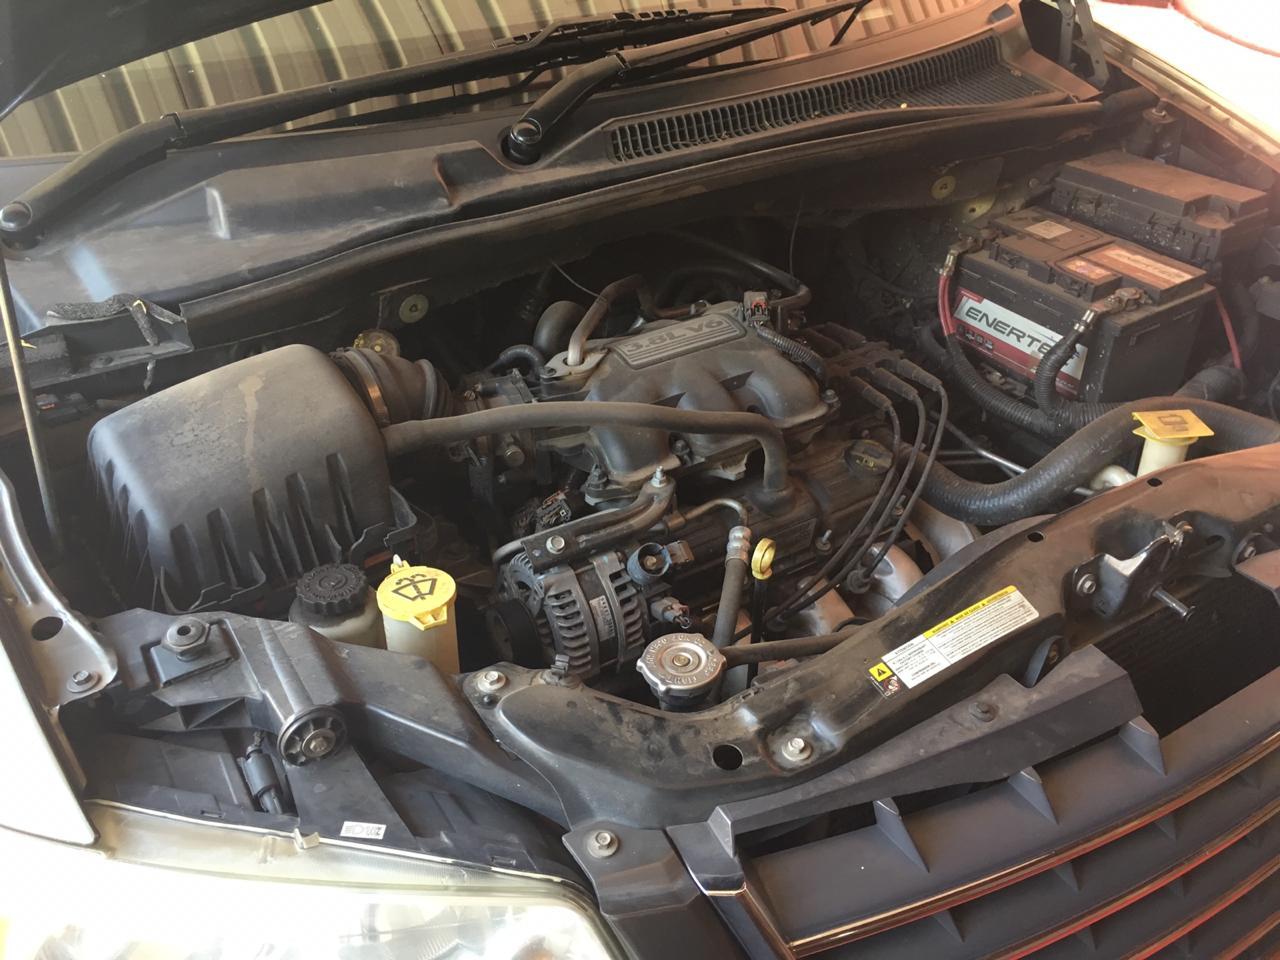 2010 Chrysler Grand Voyager 3.8 LX